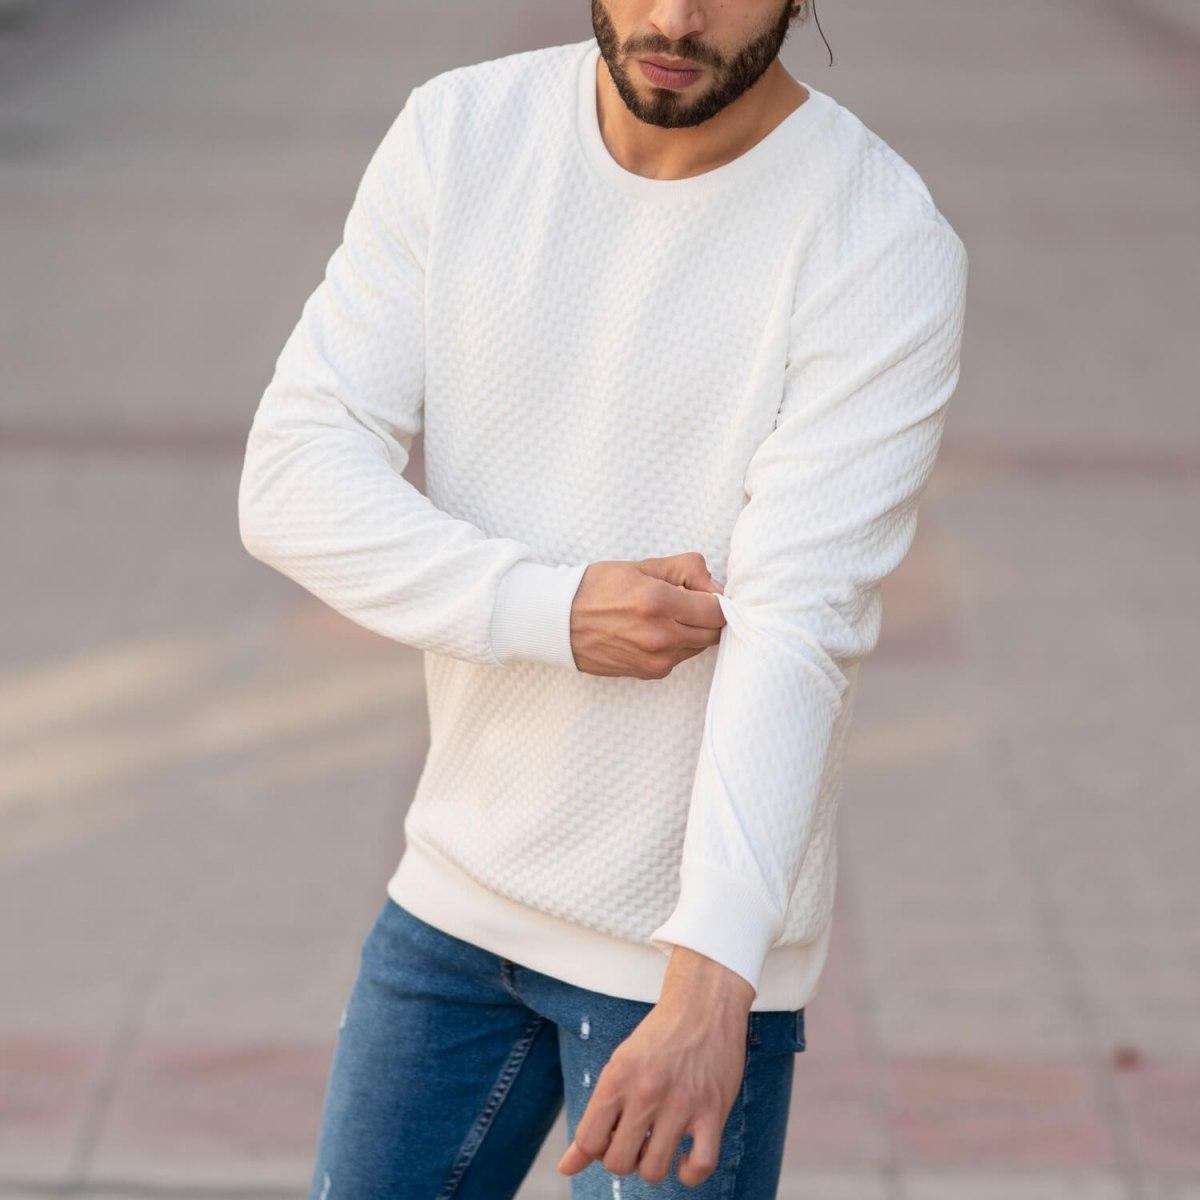 Casual SweatShirt in White Mv Premium Brand - 5